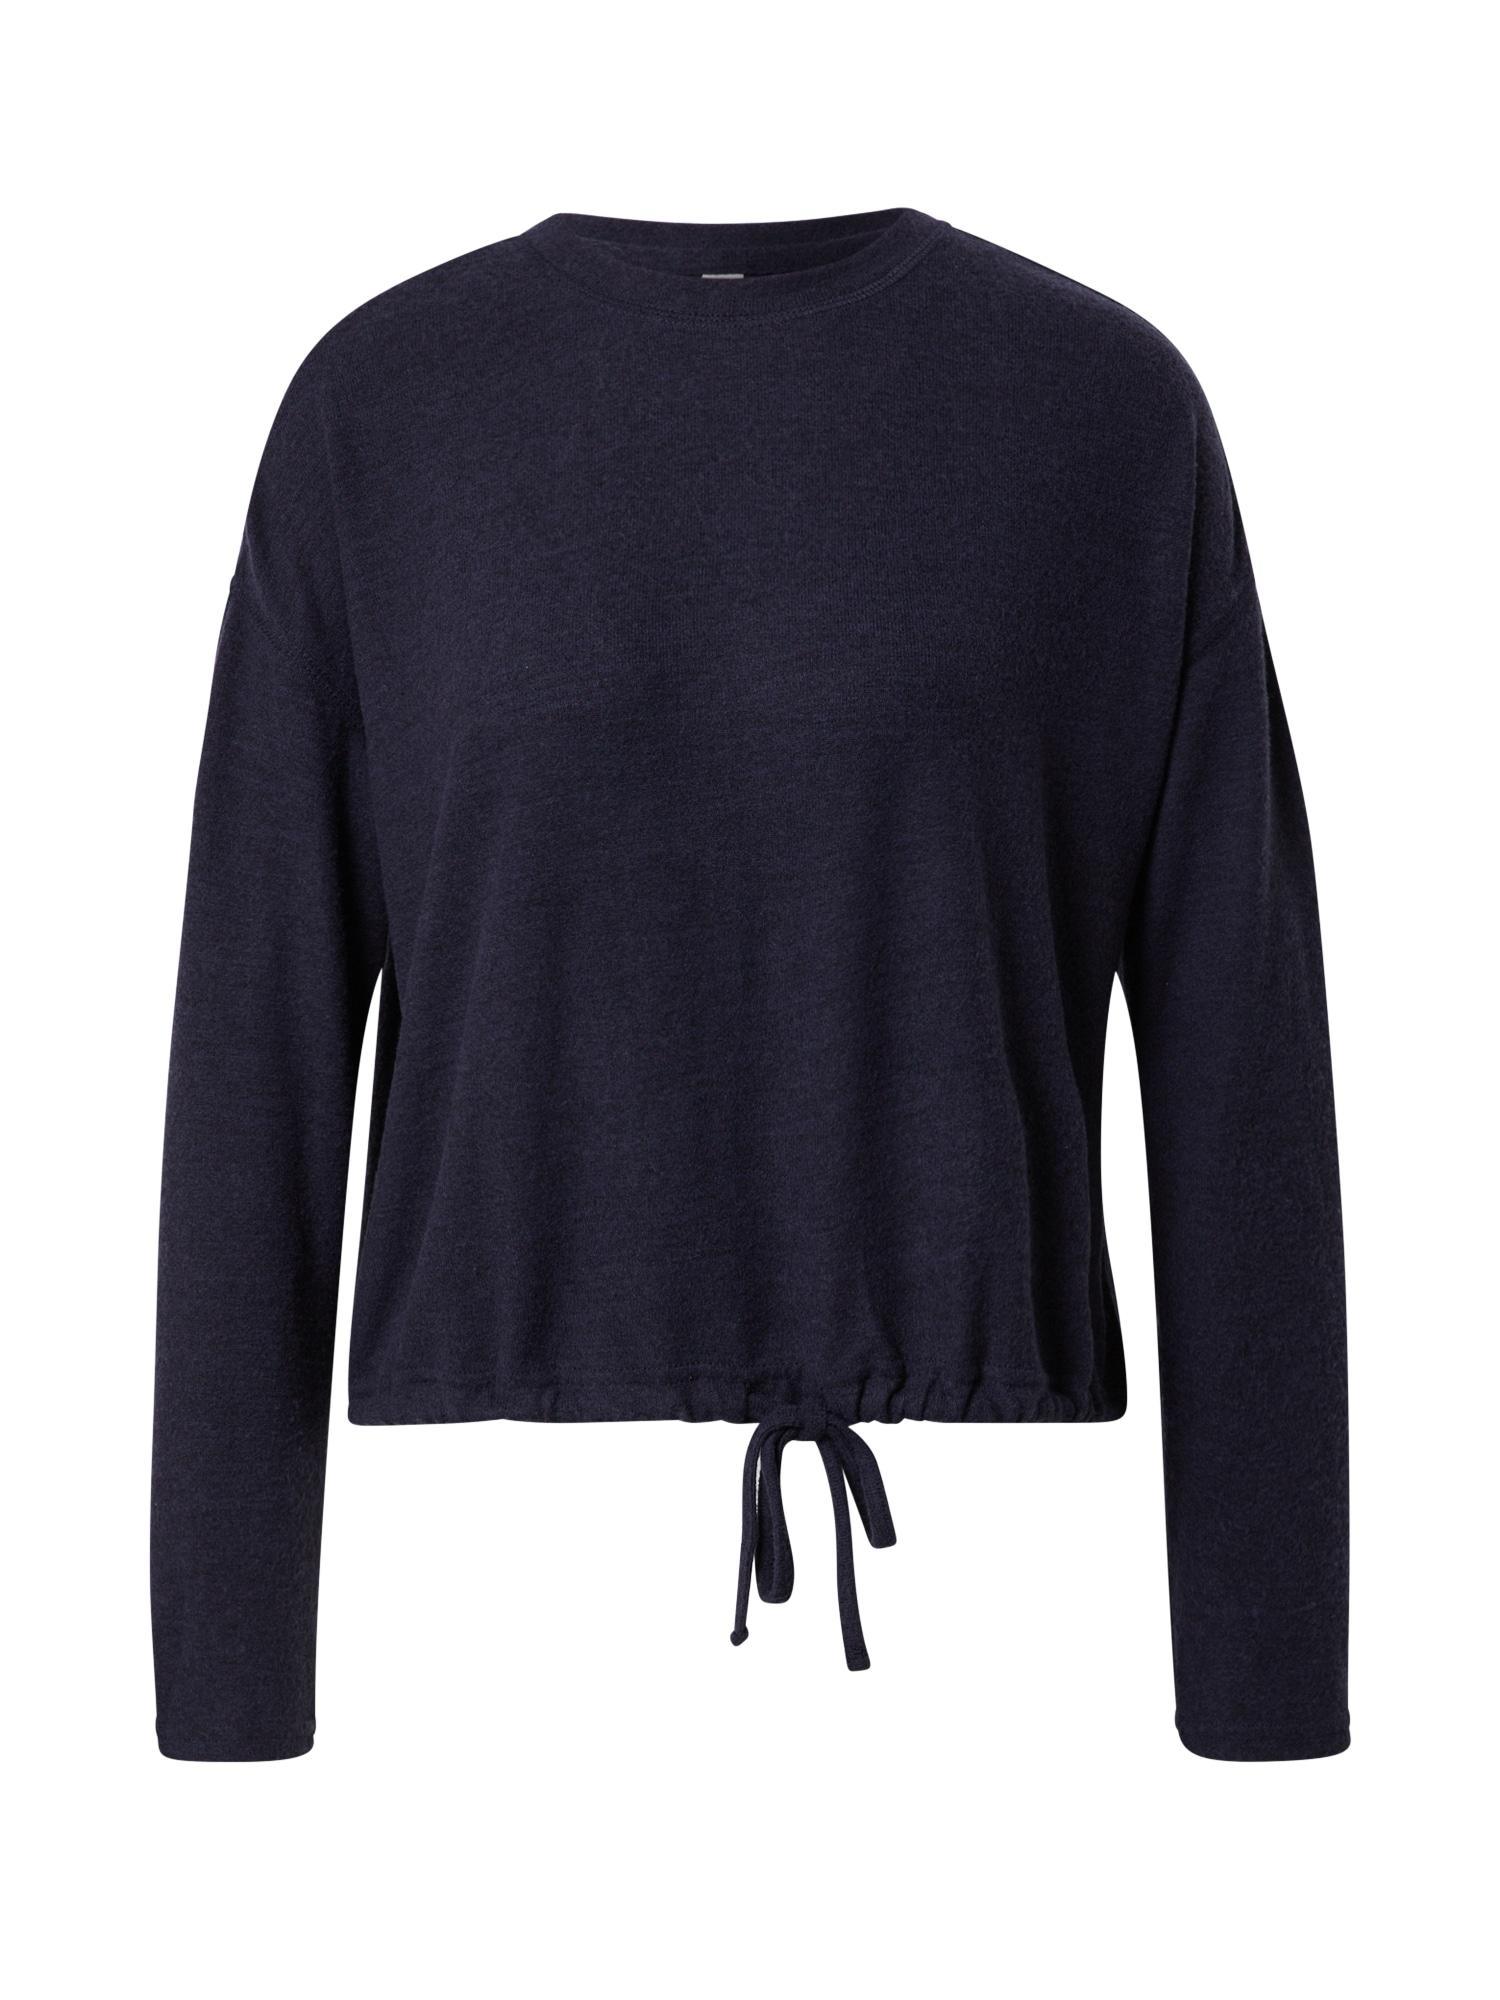 Cotton On Pižaminiai marškinėliai tamsiai mėlyna